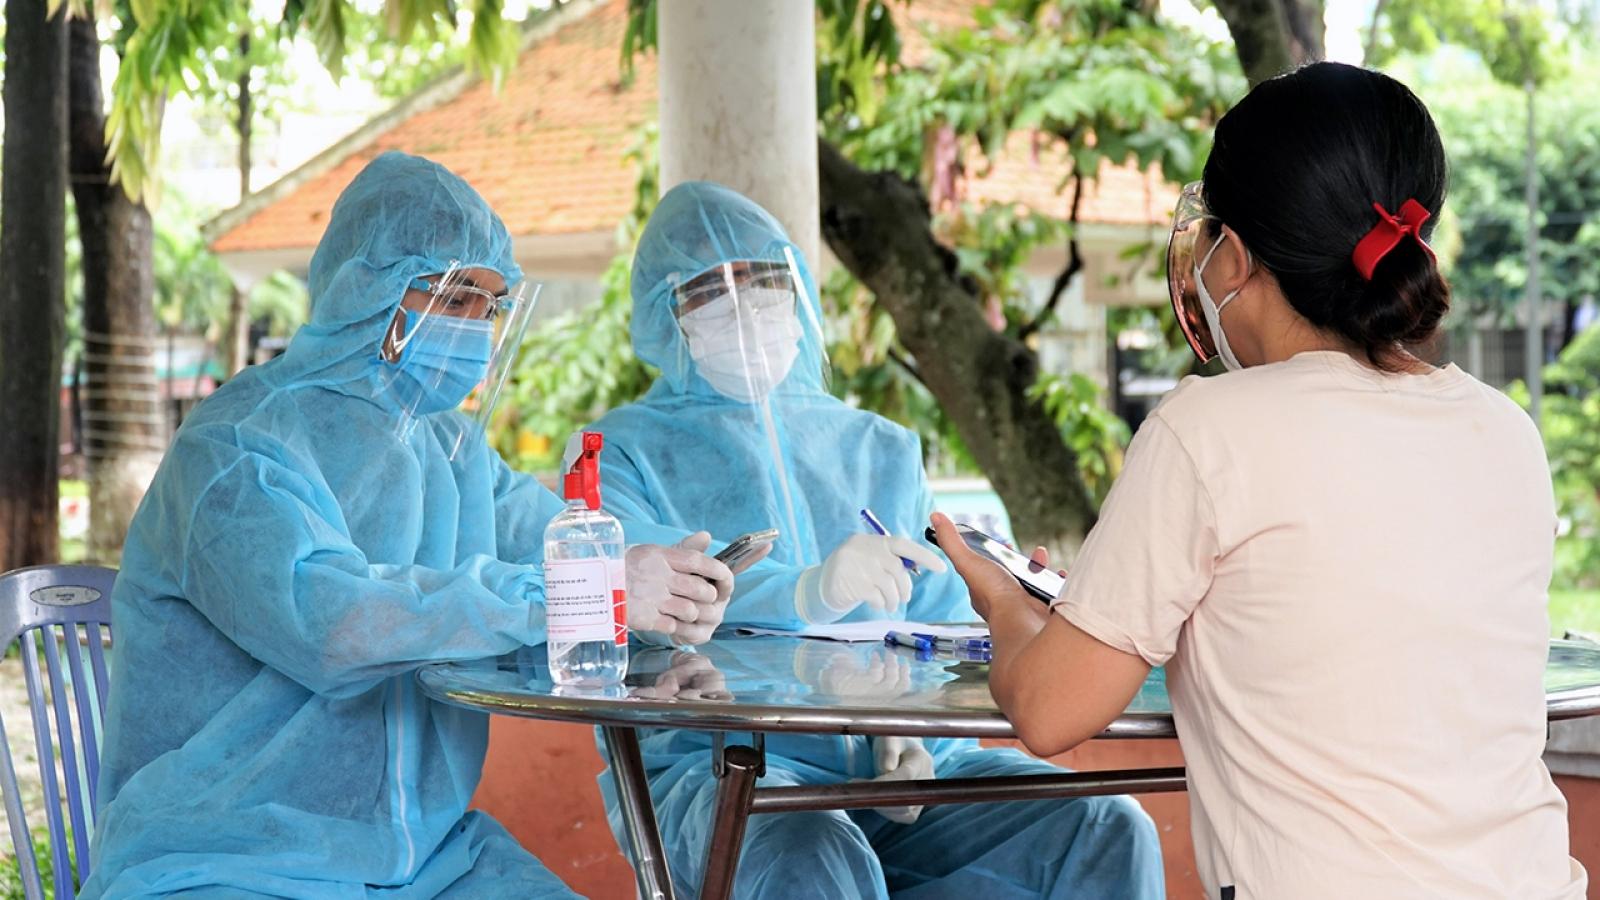 Tây Ninh có hơn 500 ca nghi mắc COVID-19 qua xét nghiệm sàng lọc đợt 2